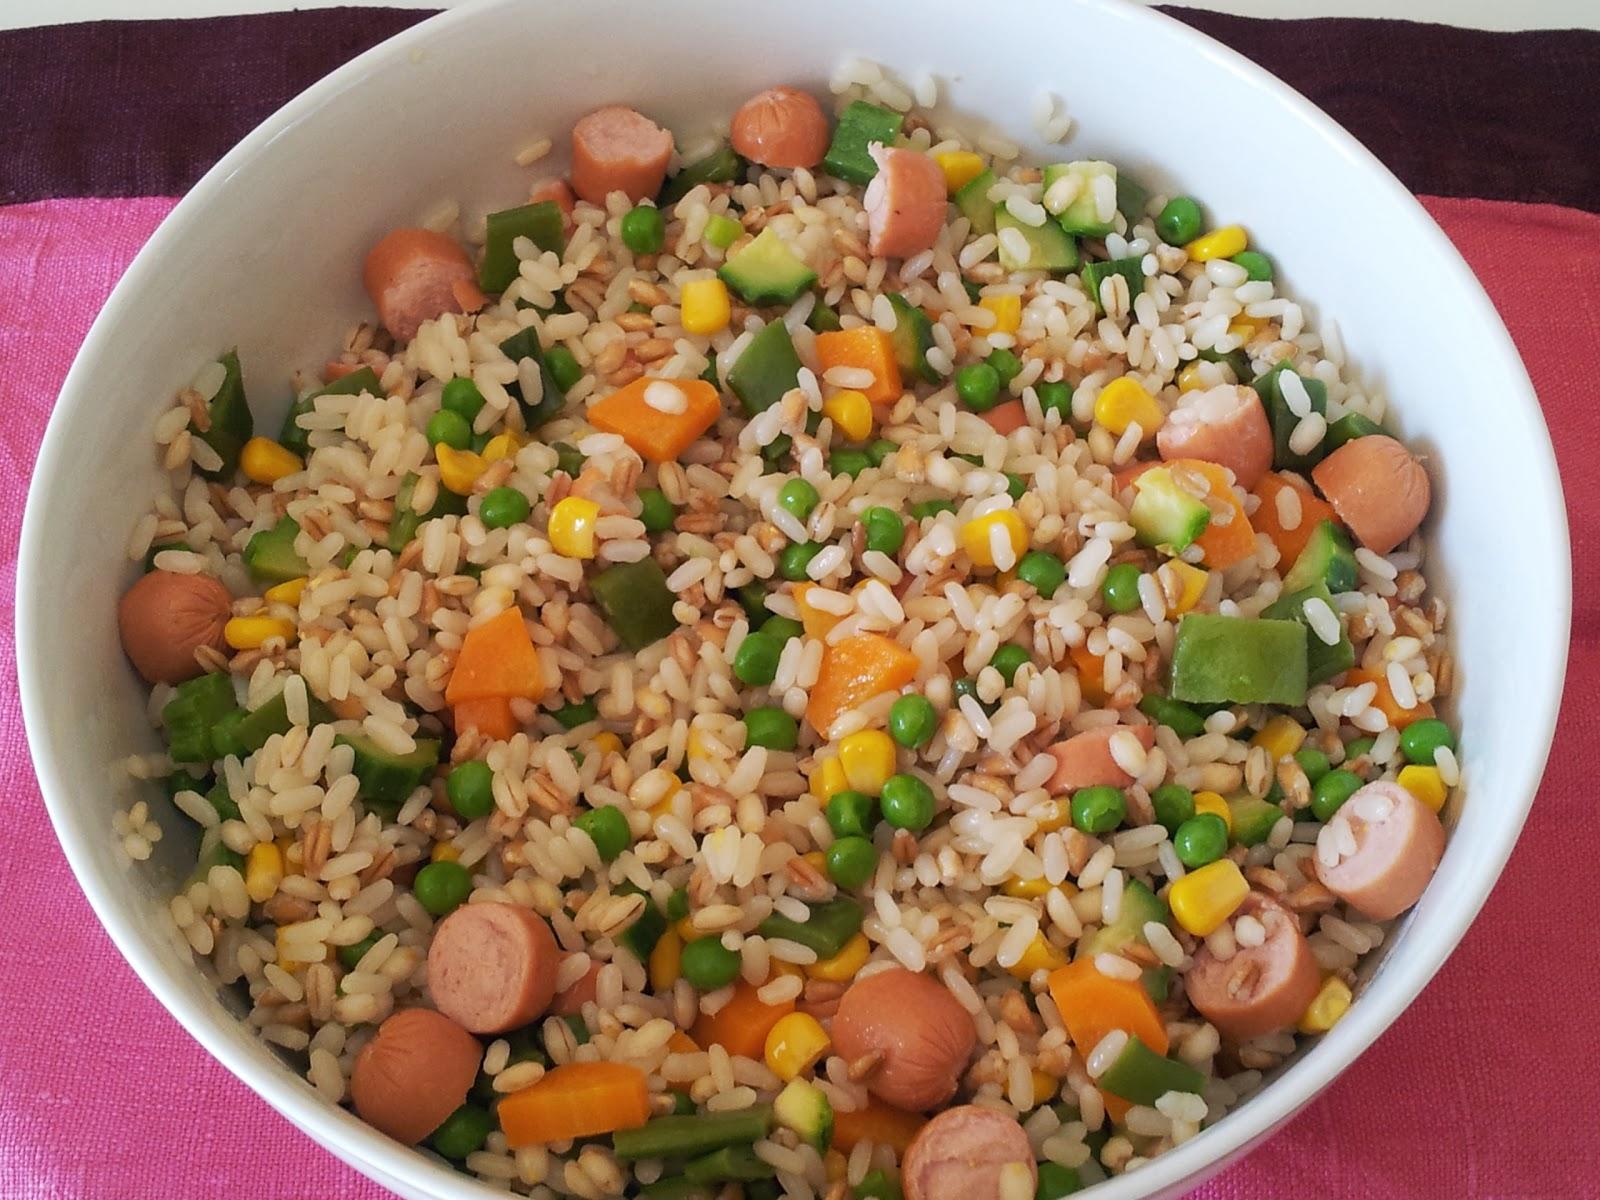 La cucina di bea insalata di riso farro e orzo con verdure for Insalate ricette